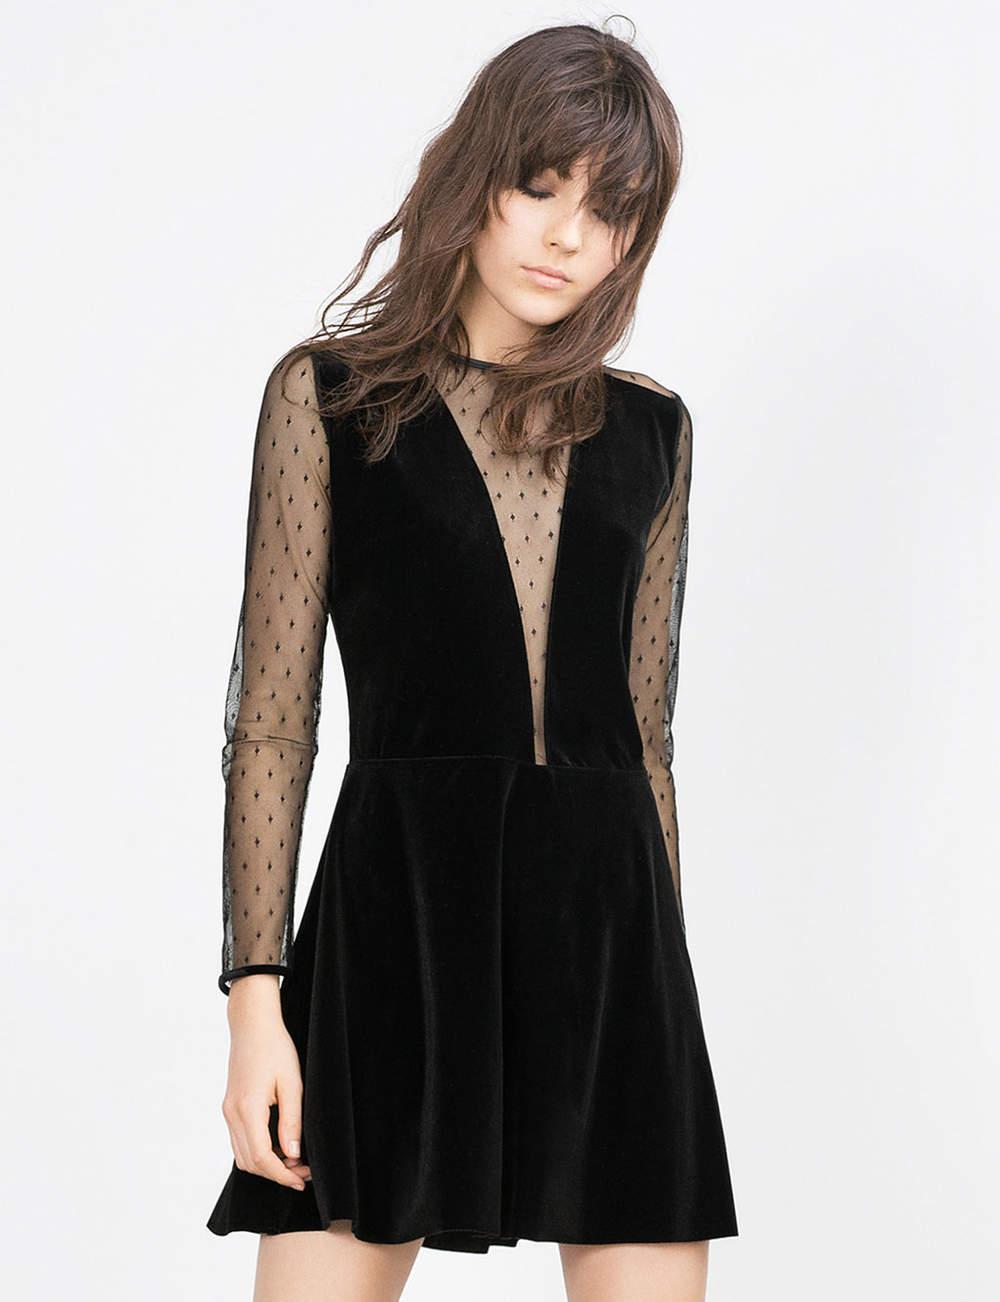 Robe noire : velours